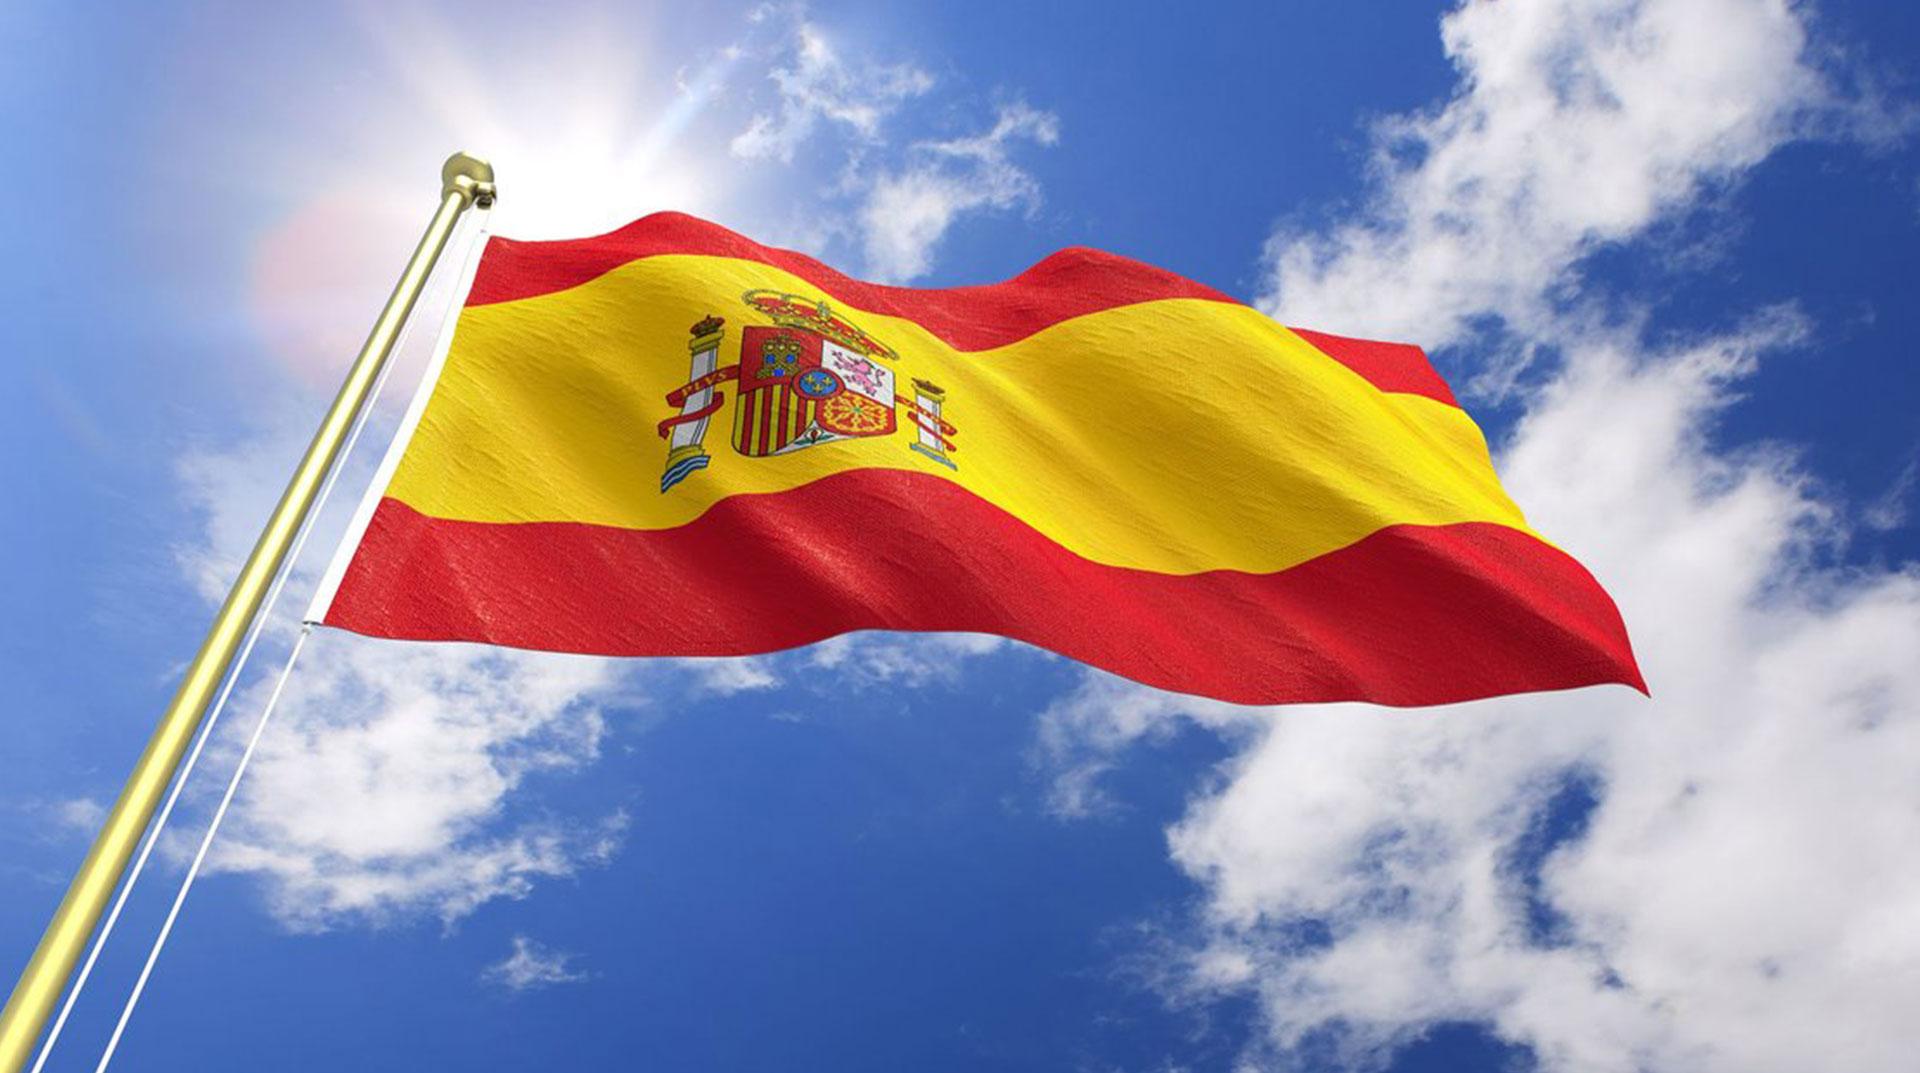 İspanya'dan Türkiye'ye: İnsanlarla Oynamak Kabul Edilemez